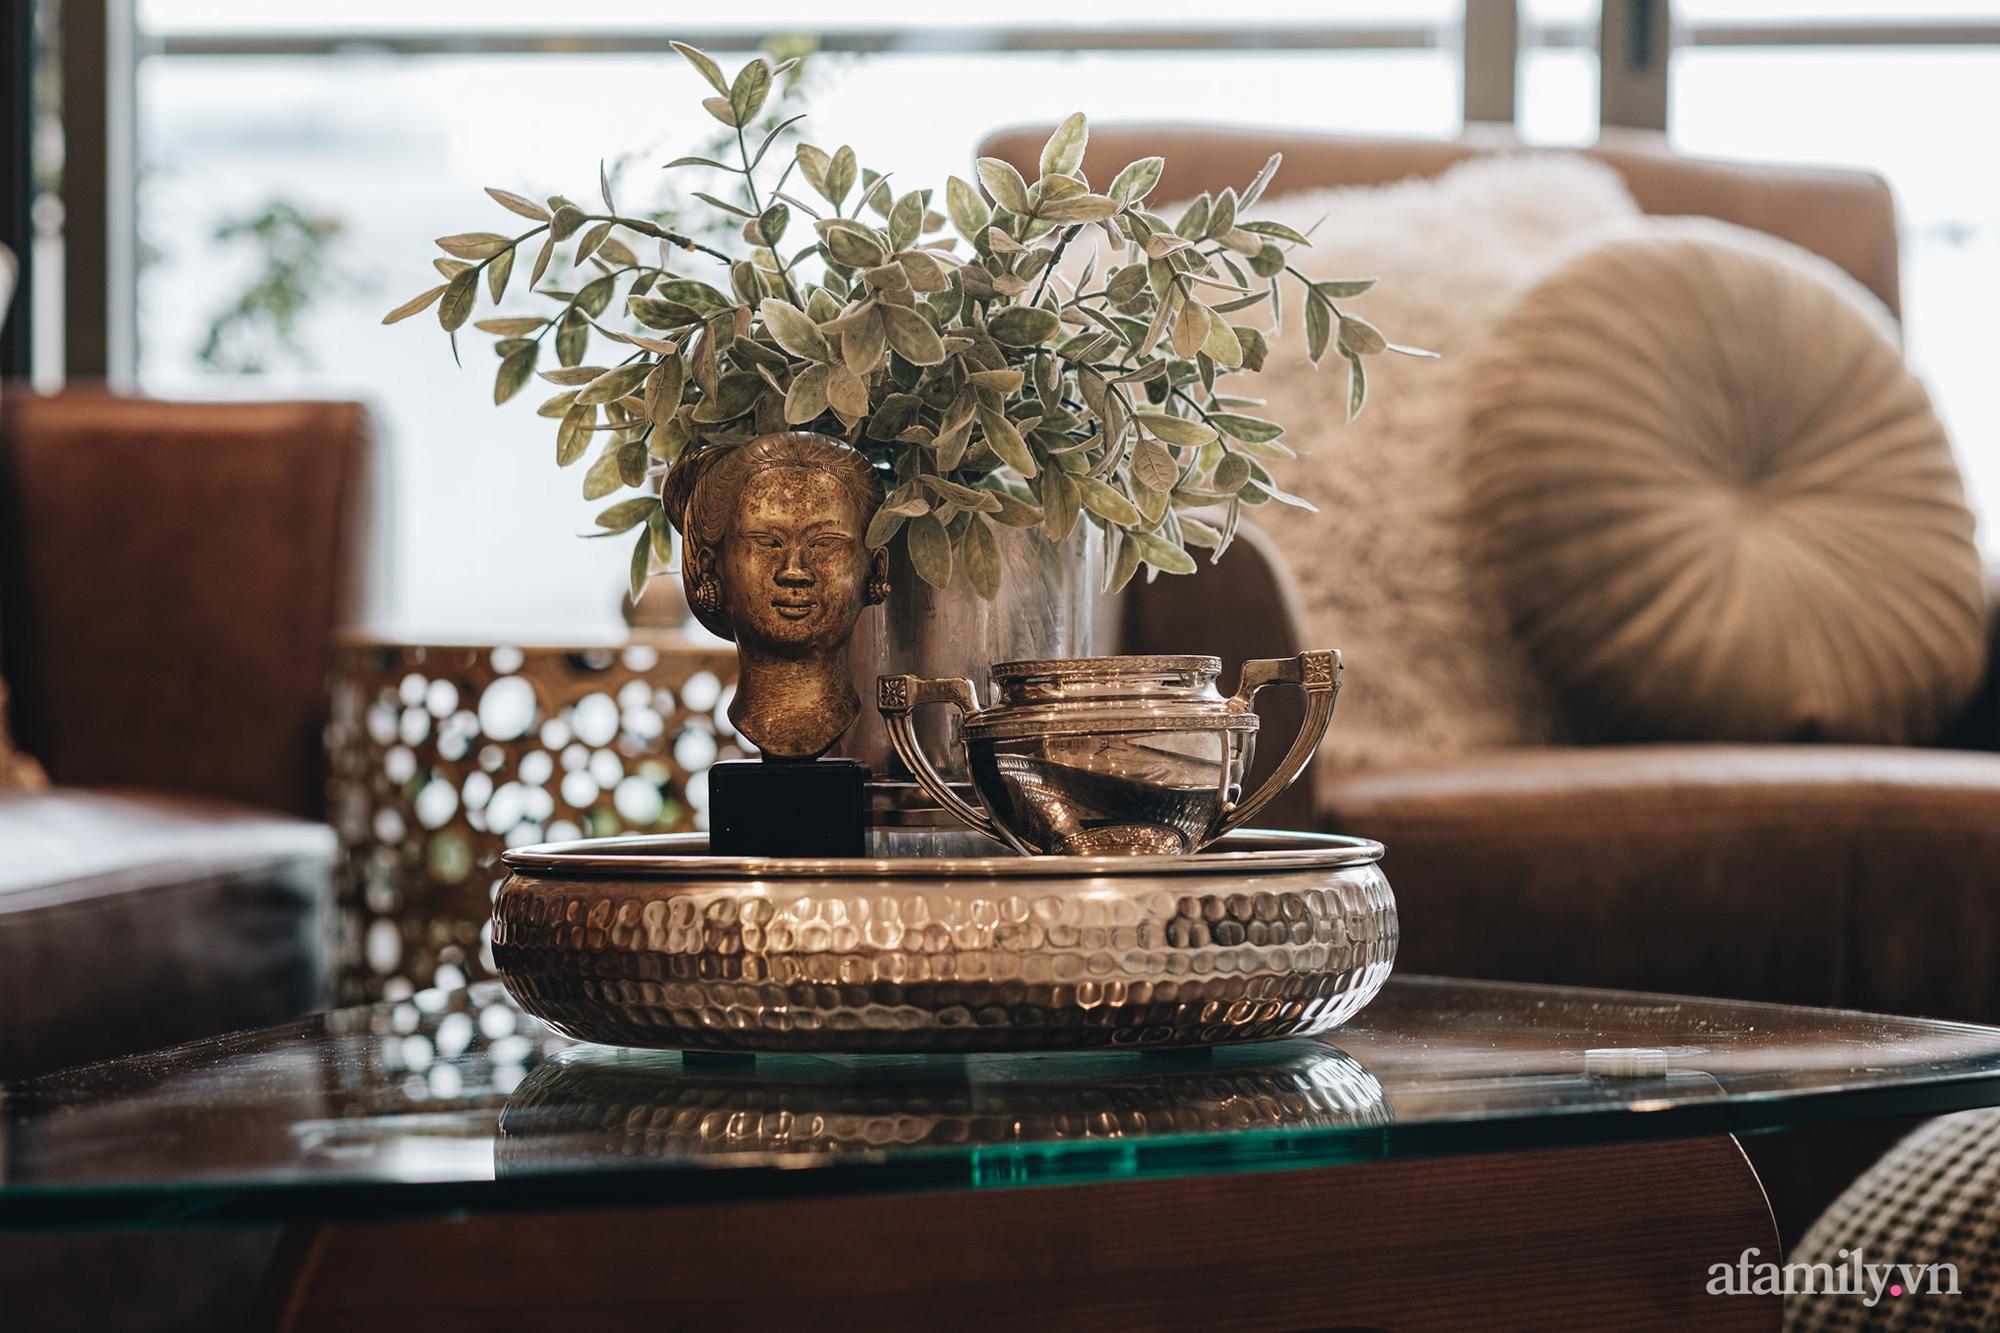 Căn hộ 70m² màu nâu trầm đẹp sang chảnh với chi phí hoàn thiện nội thất 400 triệu đồng ở Sài Gòn - Ảnh 8.